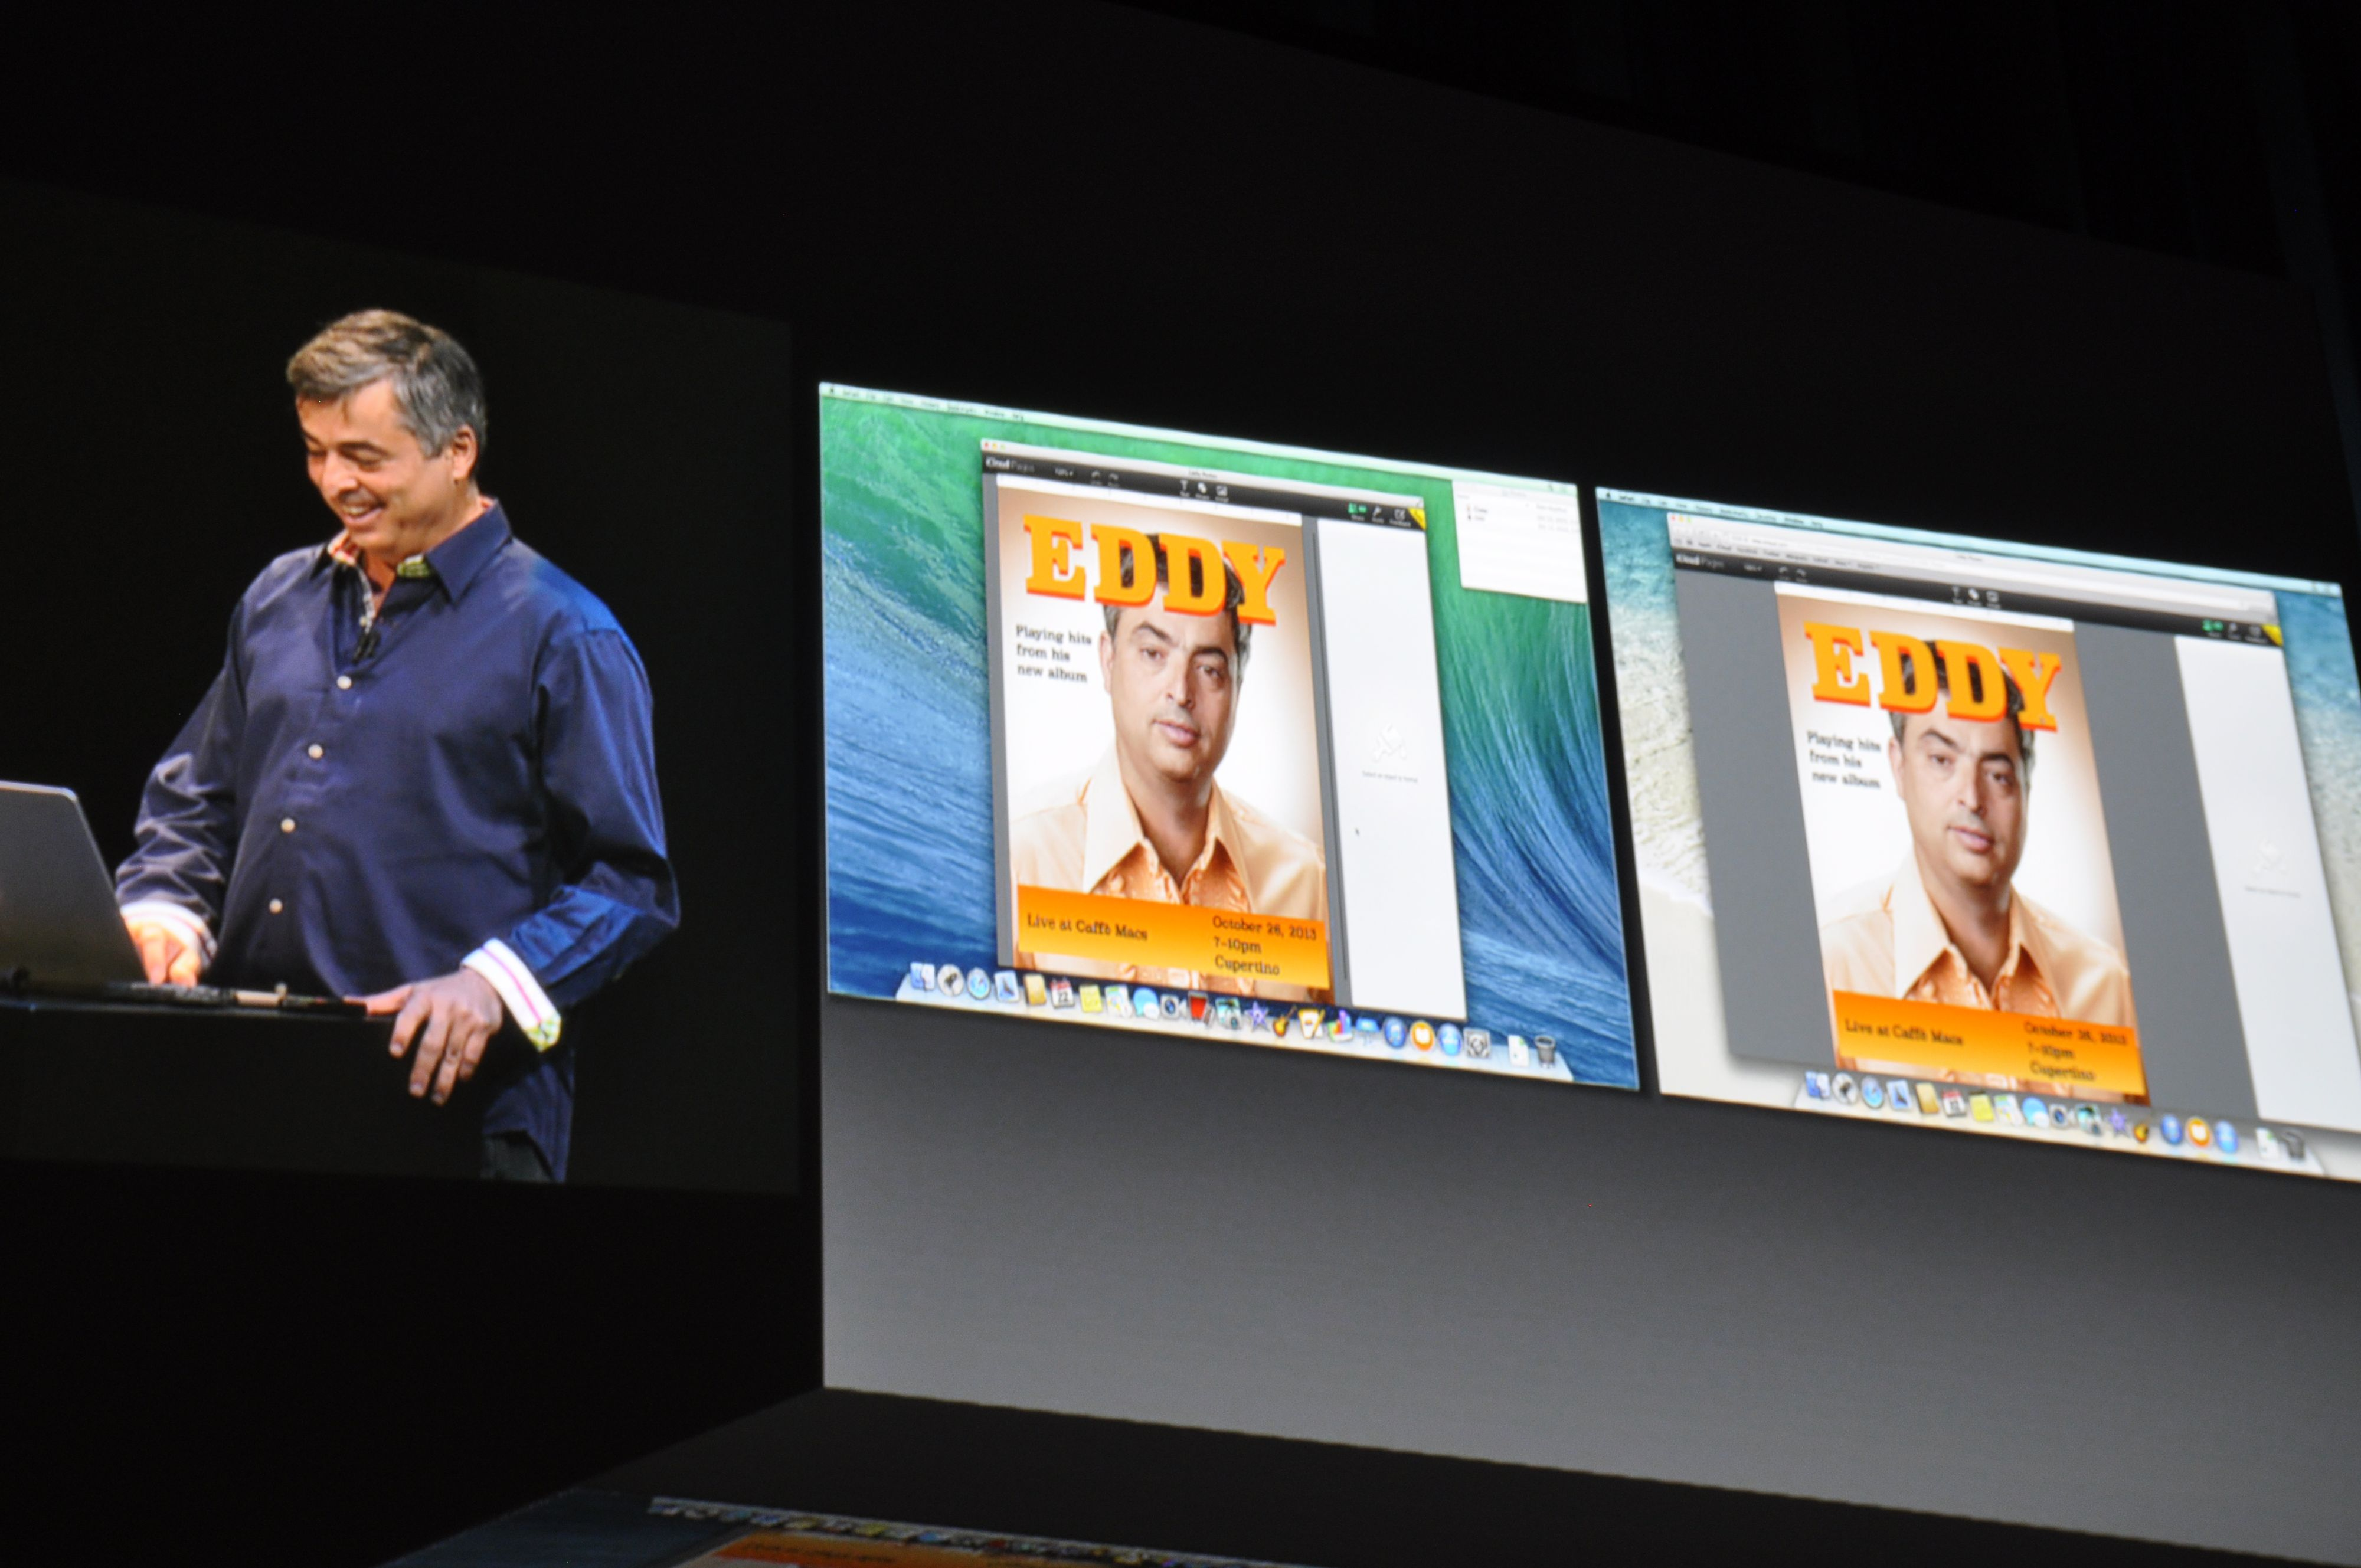 Apple-representantene leker seg med samarbeidsfunksjonene i nye iWork. Foto: Finn Jarle Kvalheim, Amobil.no